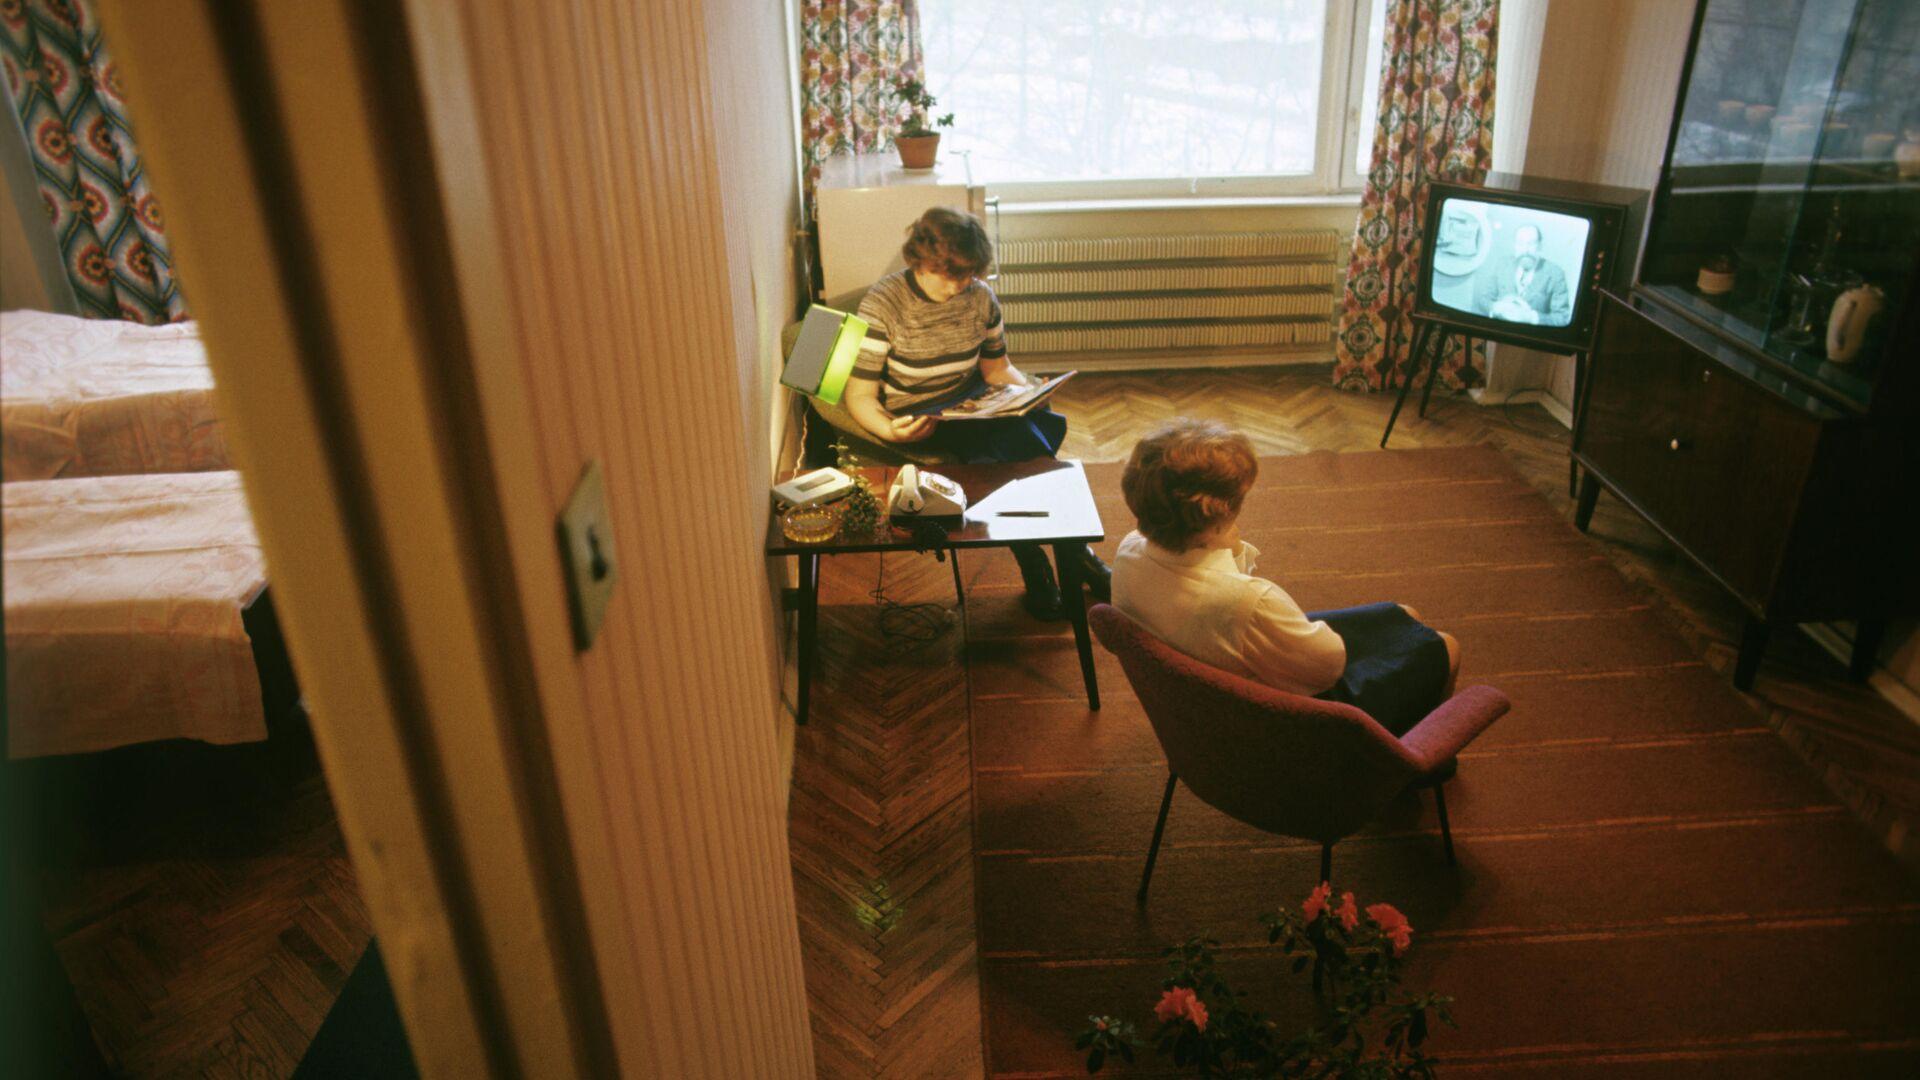 Женщины смотрят телевизор - РИА Новости, 1920, 21.08.2019